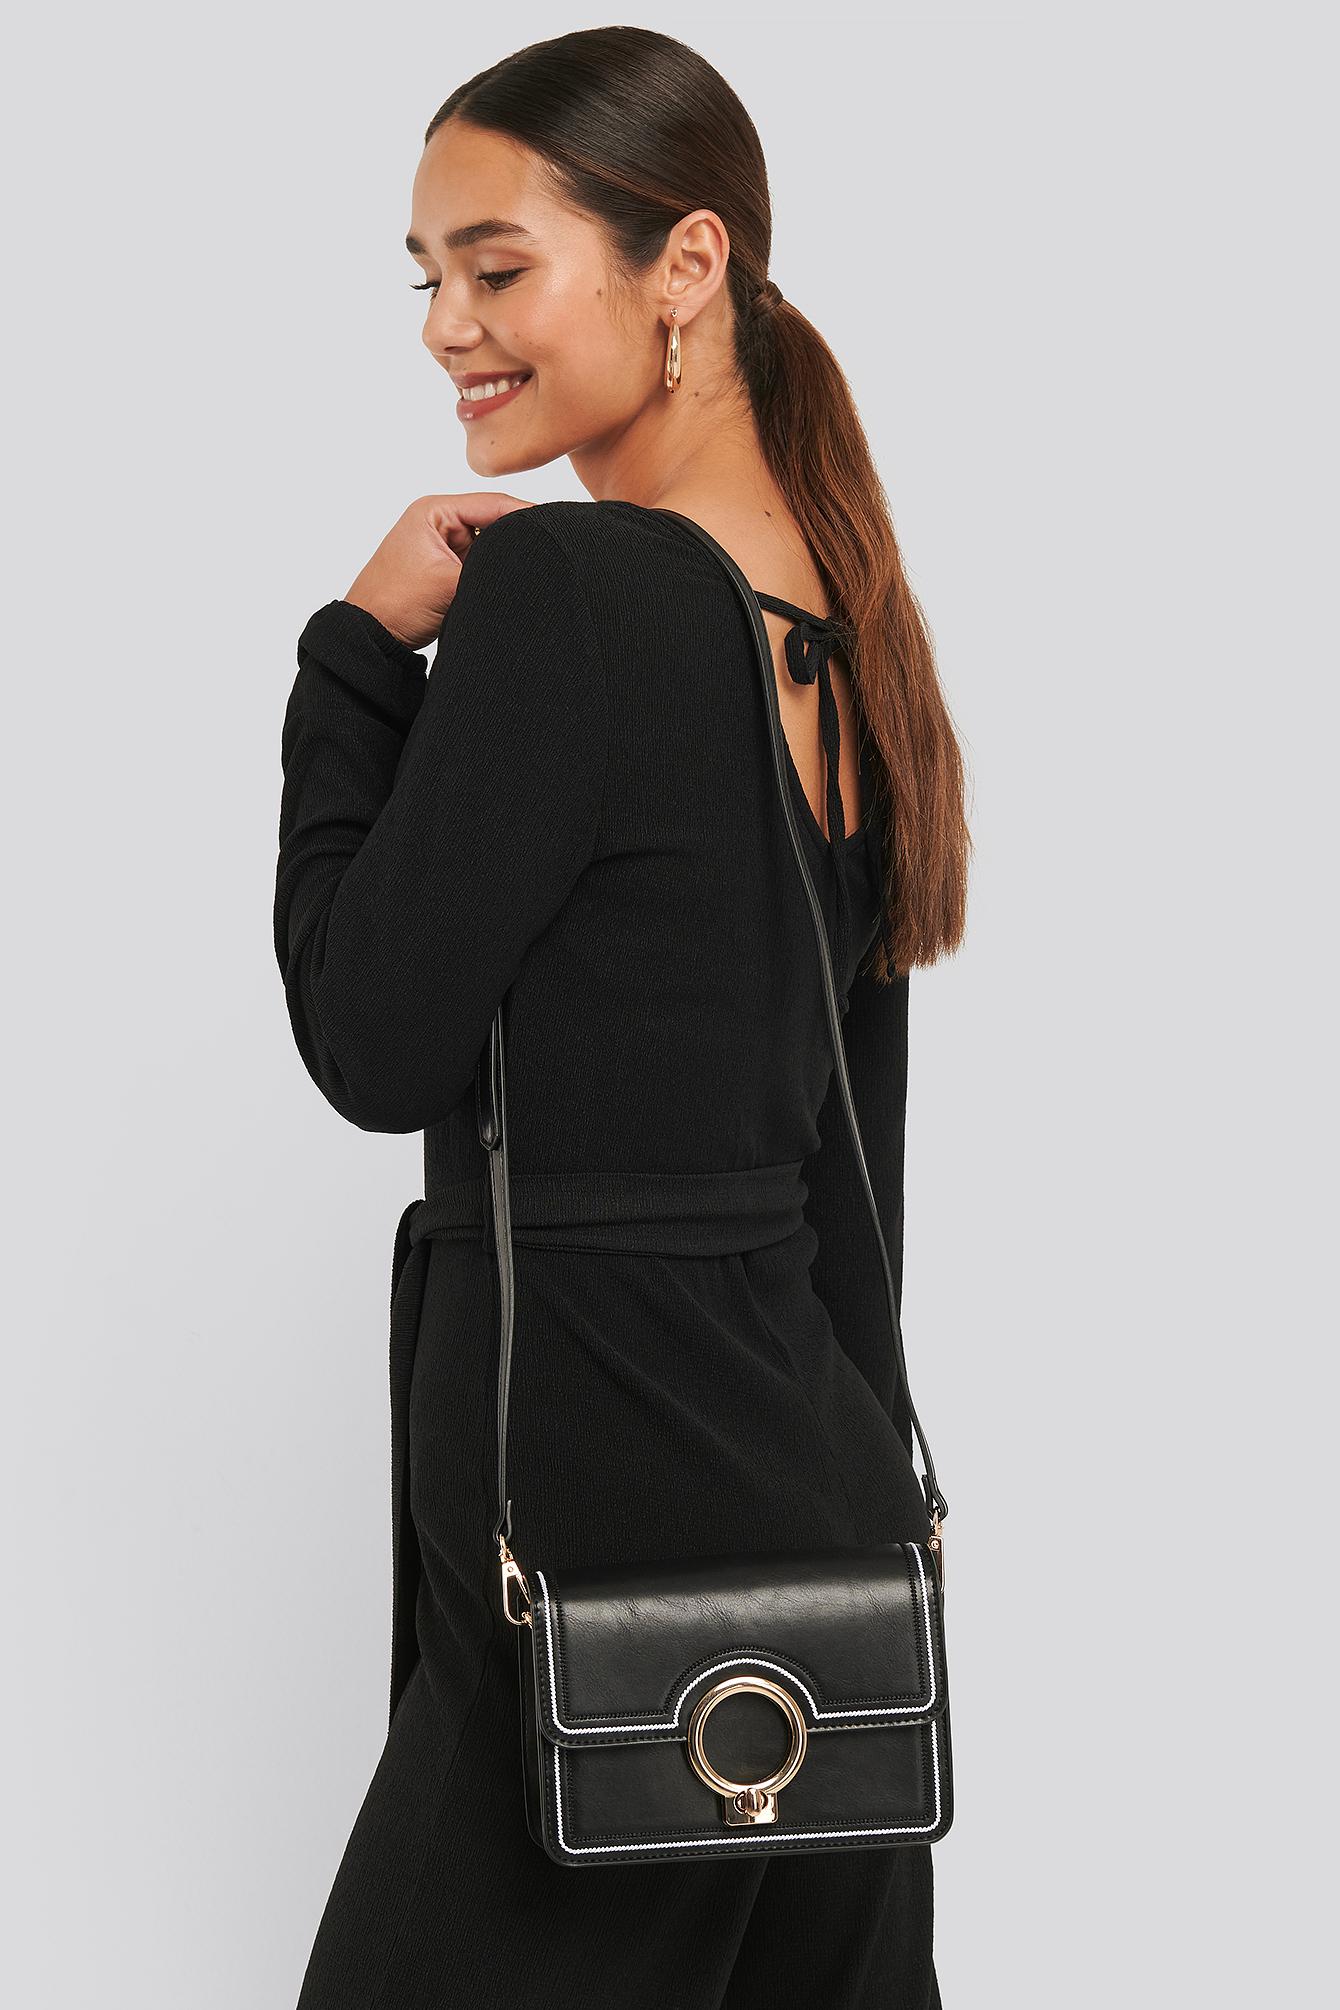 NA-KD Accessories Ring Closure Crossbody Bag - Black | Taschen > Handtaschen > Umhängetaschen | NA-KD Accessories